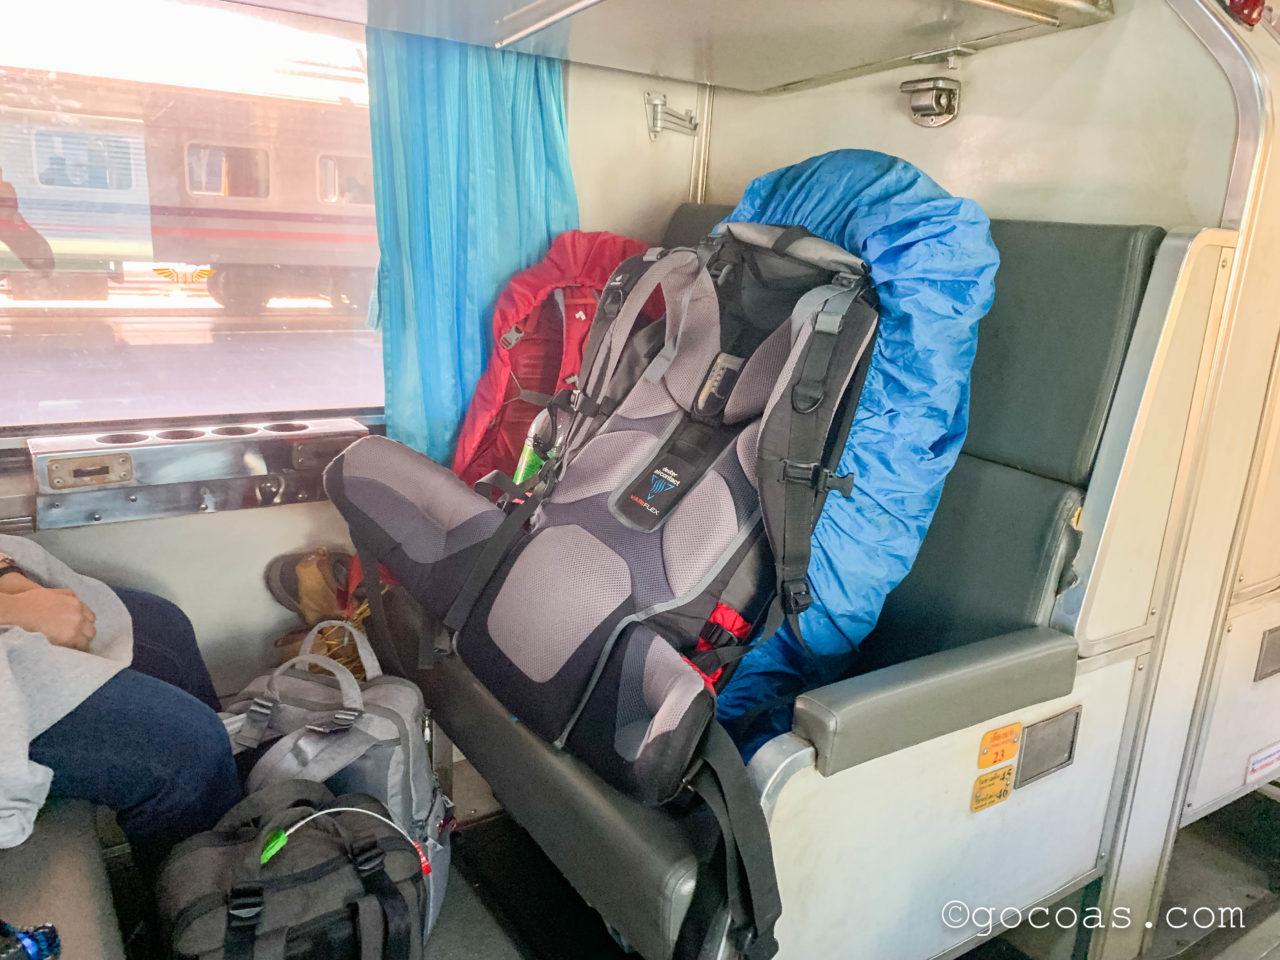 Hua Lamphong駅で乗った電車内でバックパックを対面の椅子に乗せたところ